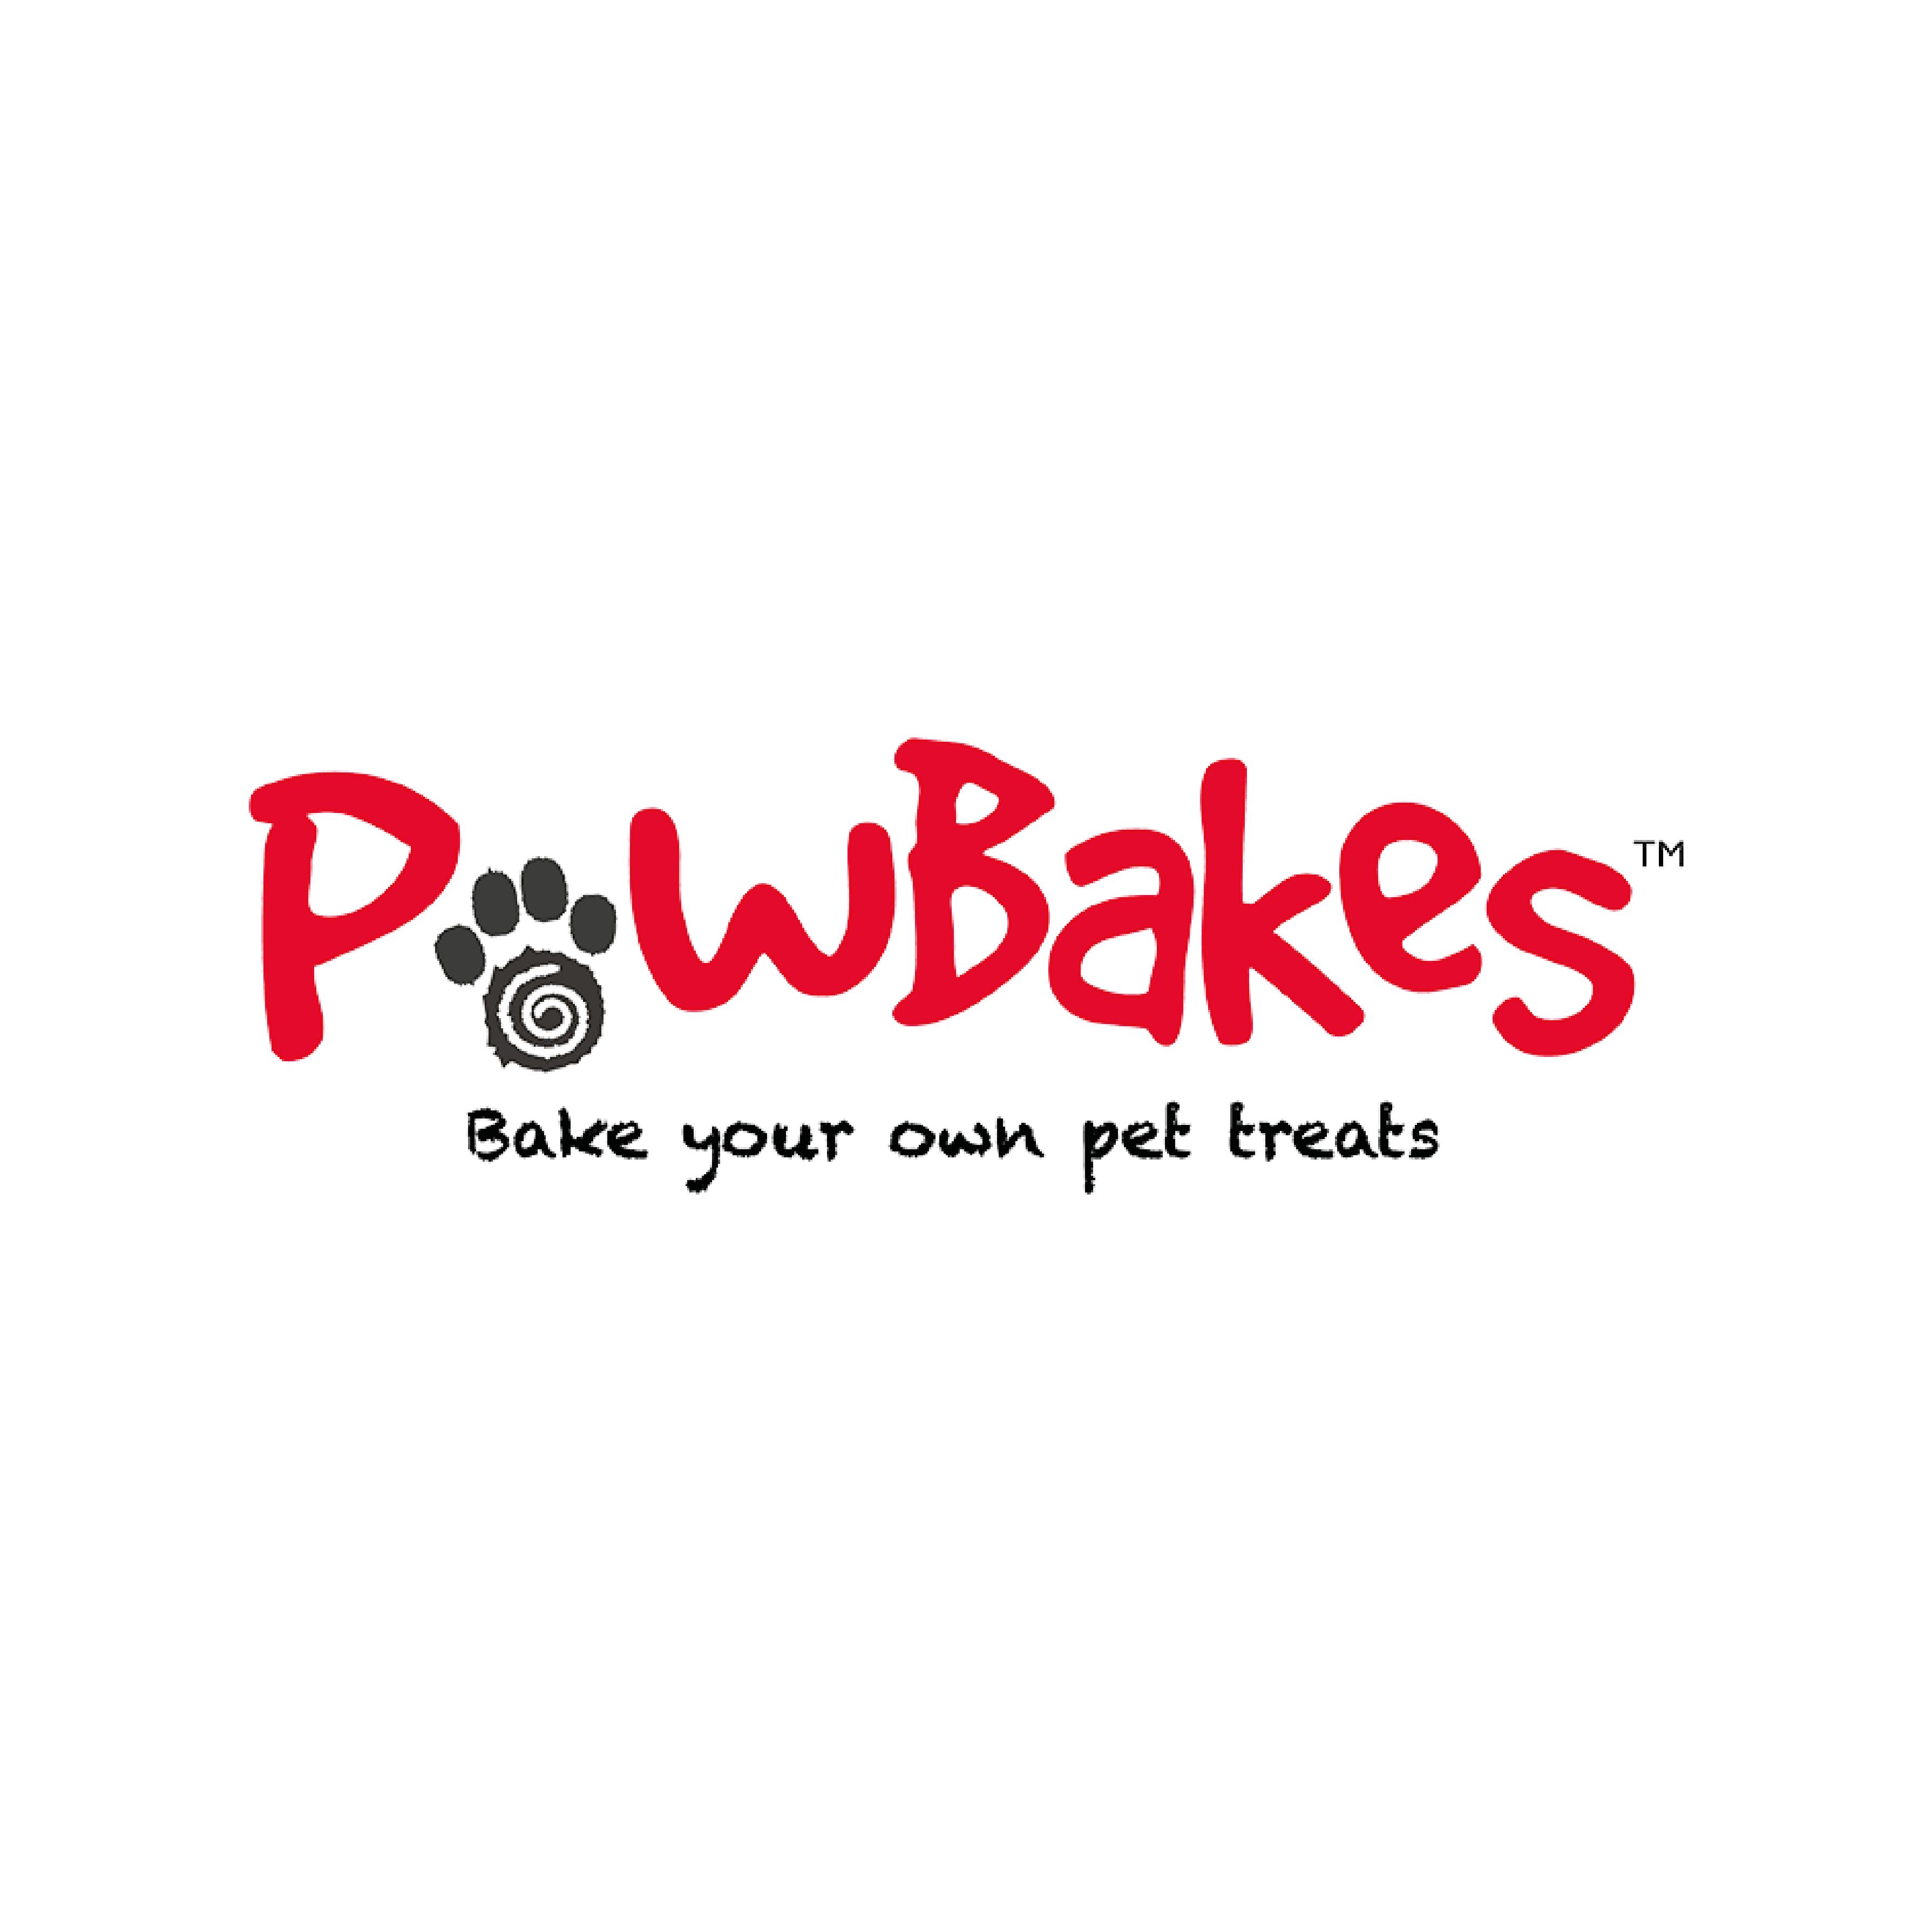 Paw Bakes